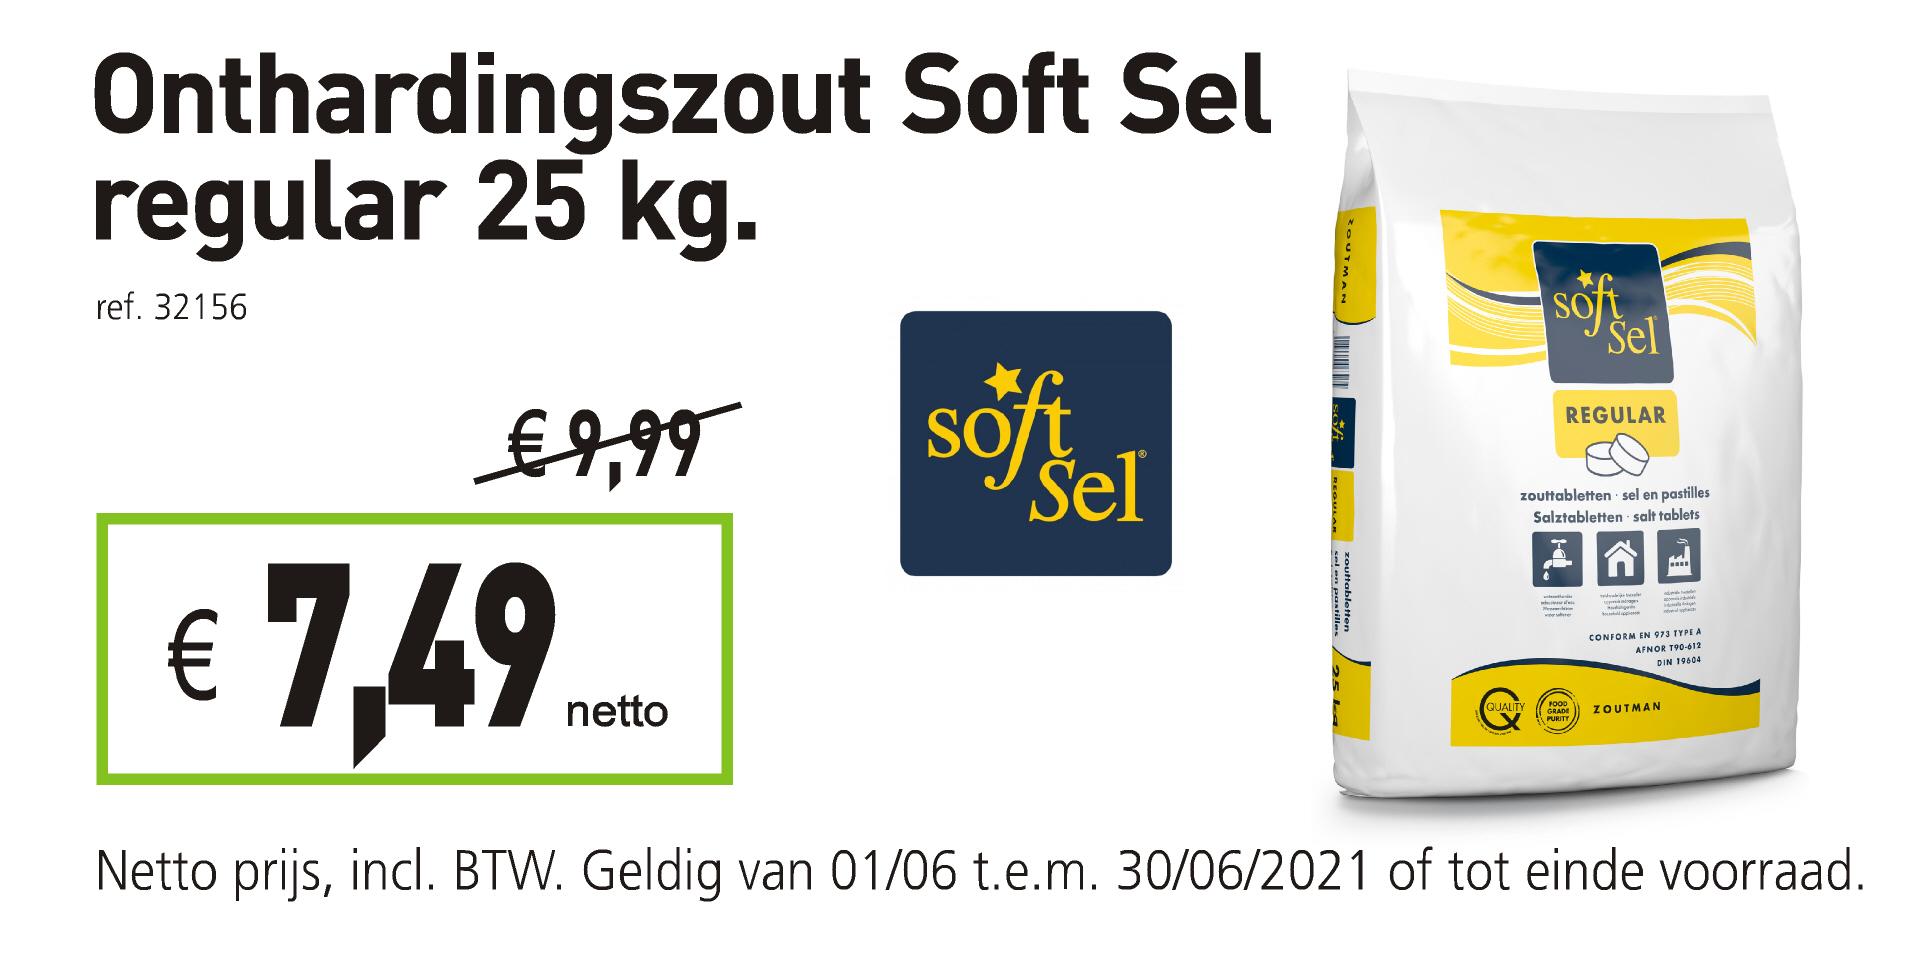 Onthardingszout Soft Sel regular 25 kg